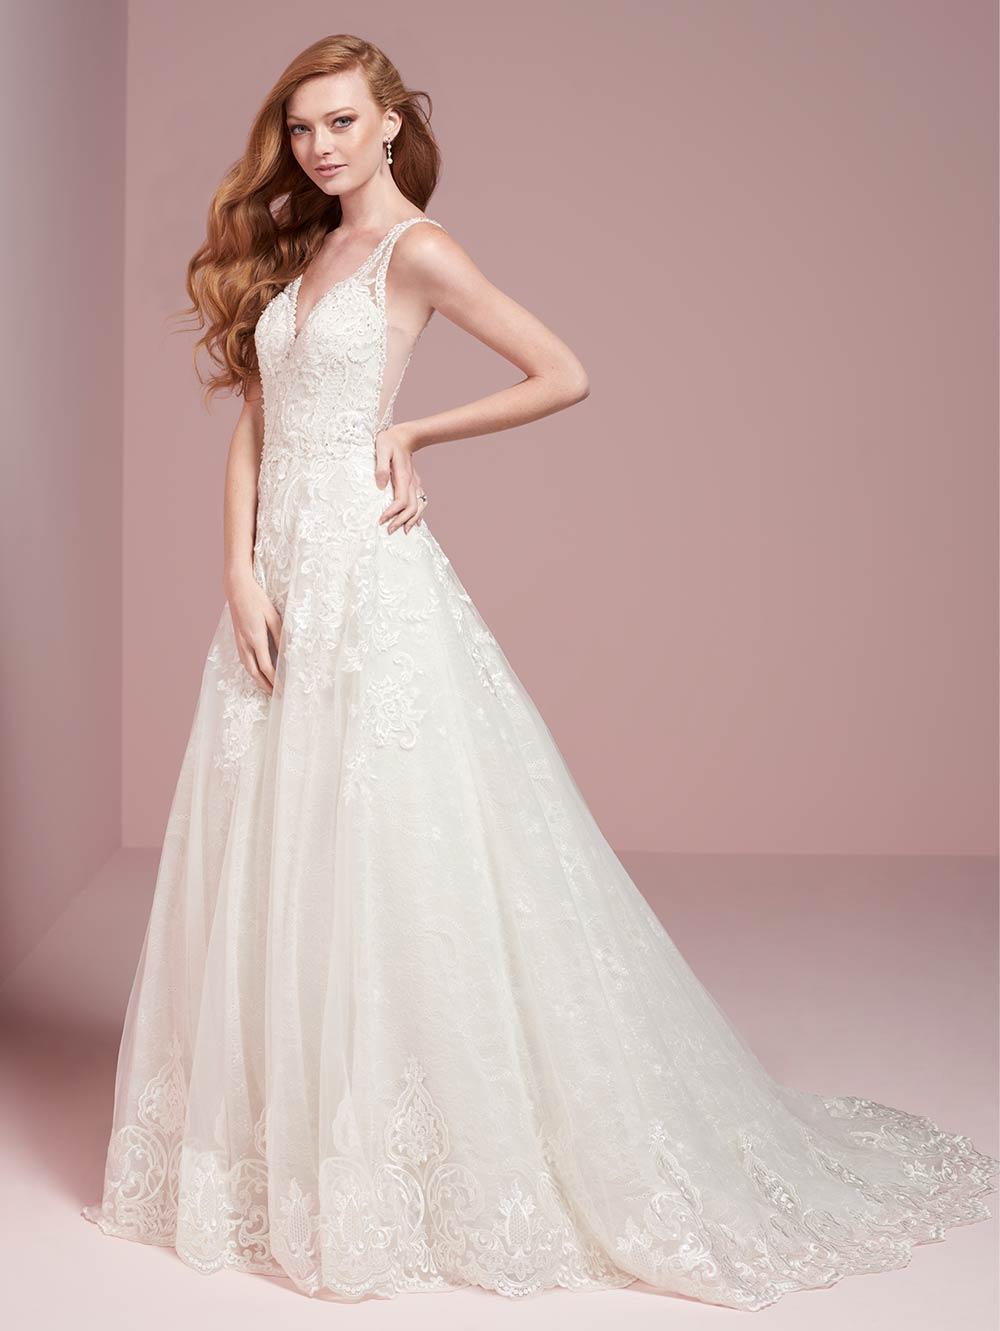 bridal-gowns-jacquelin-bridals-canada-27623